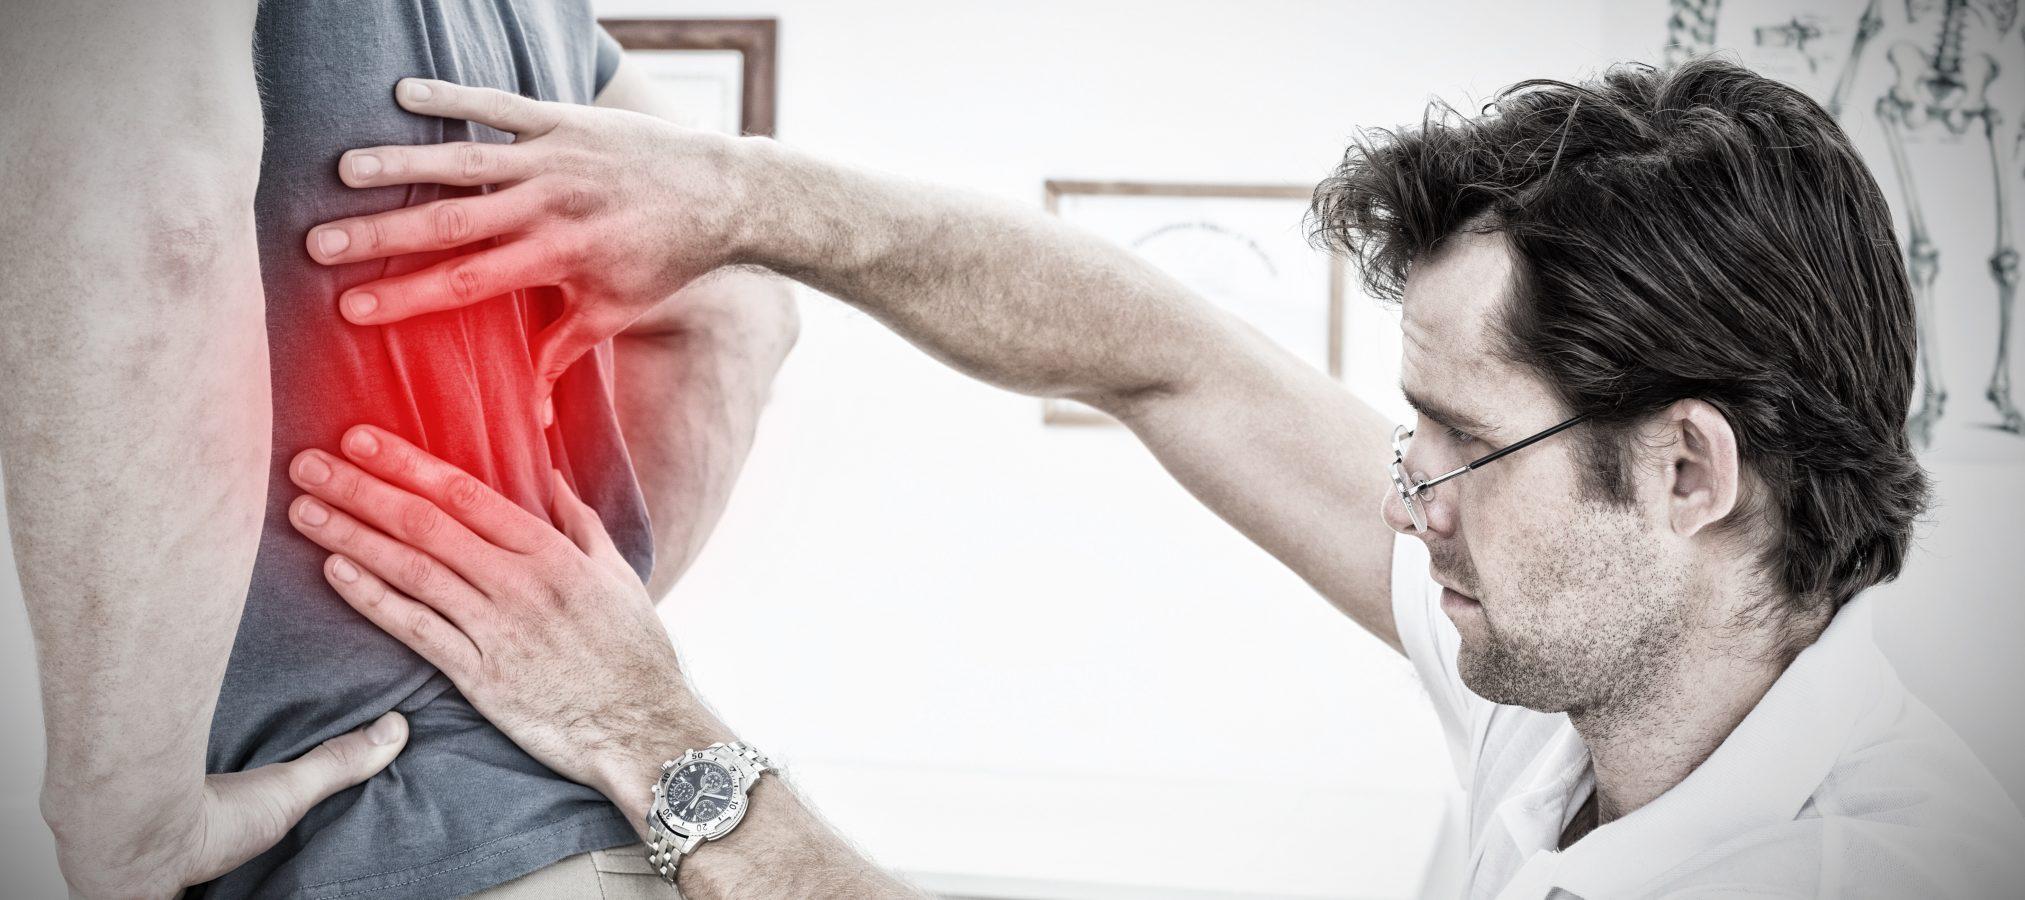 Welchen Arzt sollte man 2019 bei Rückenschmerzen aufsuchen?